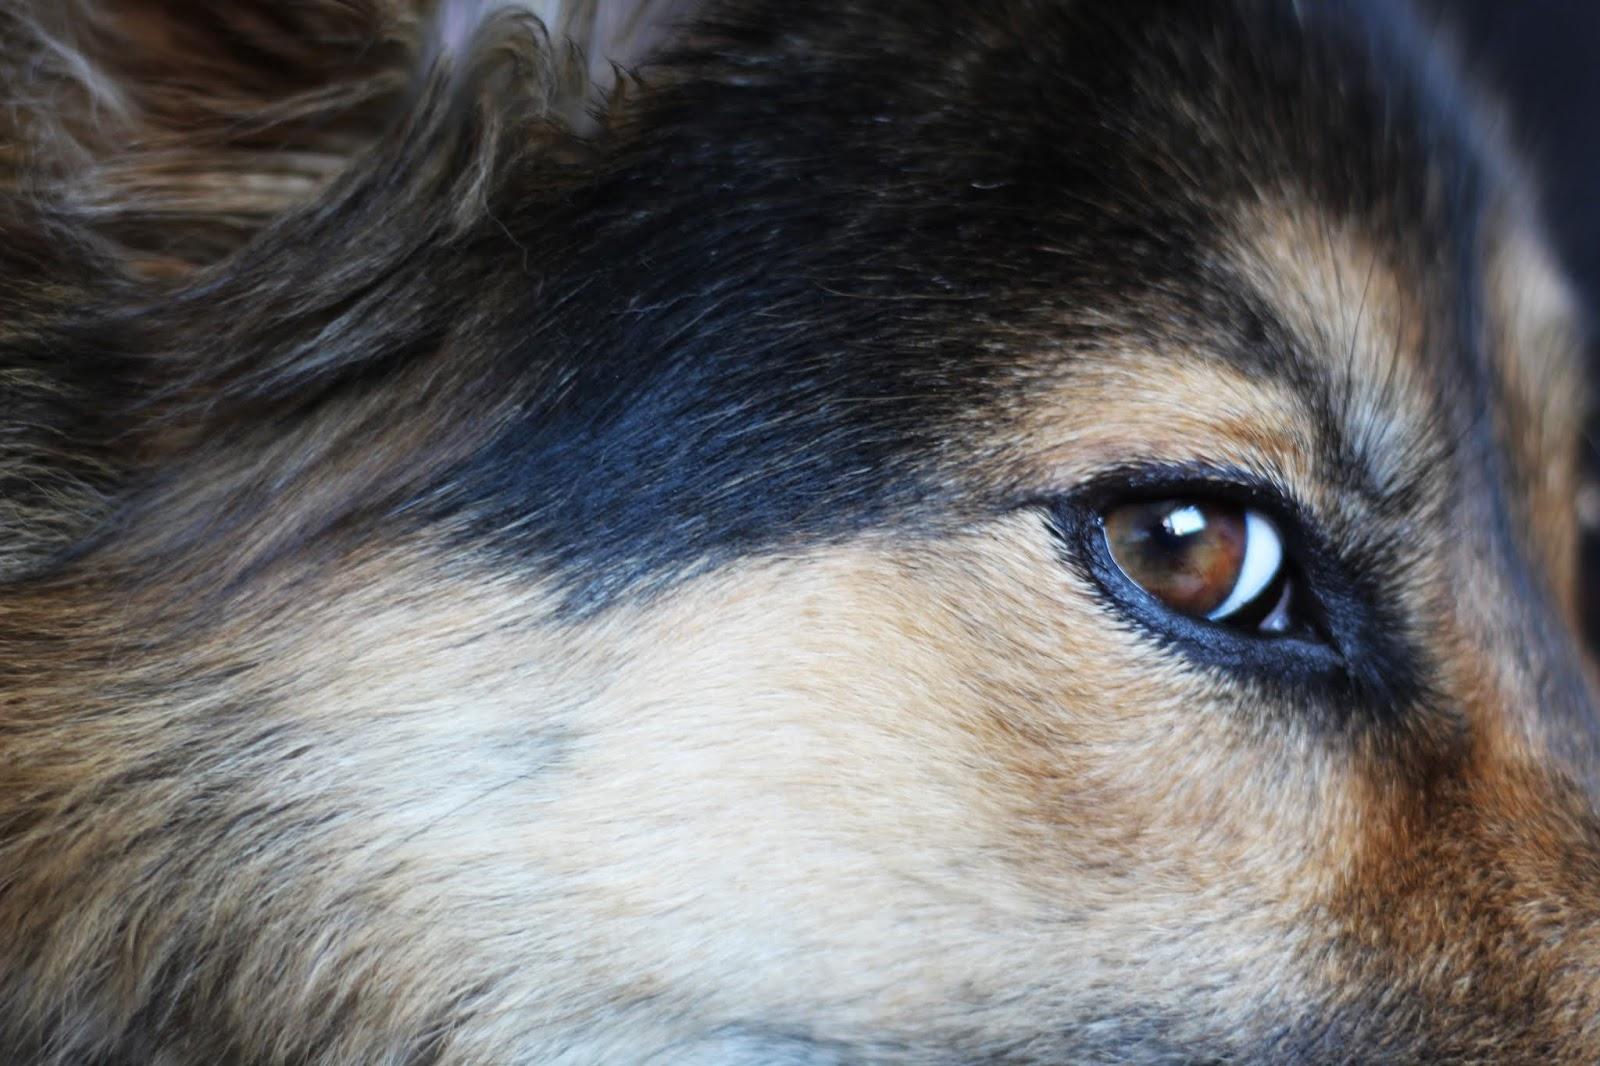 Oczami psa czyli jak pies widzi otaczający świat